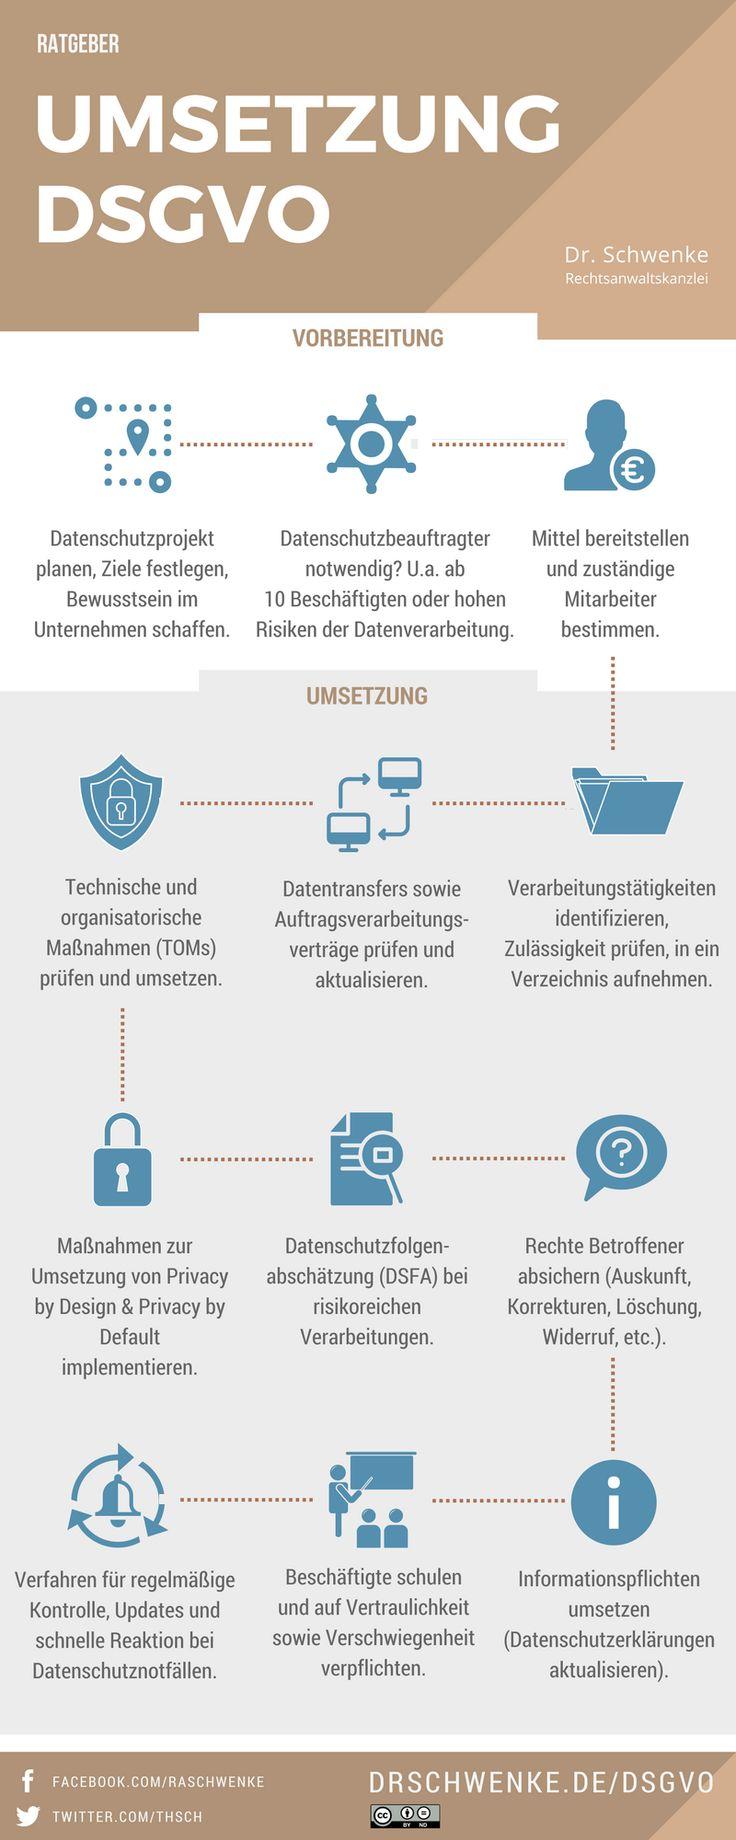 Infografik DSGVO Umsetzung Dr. Schwenke #dsgvo – Katrin Klink